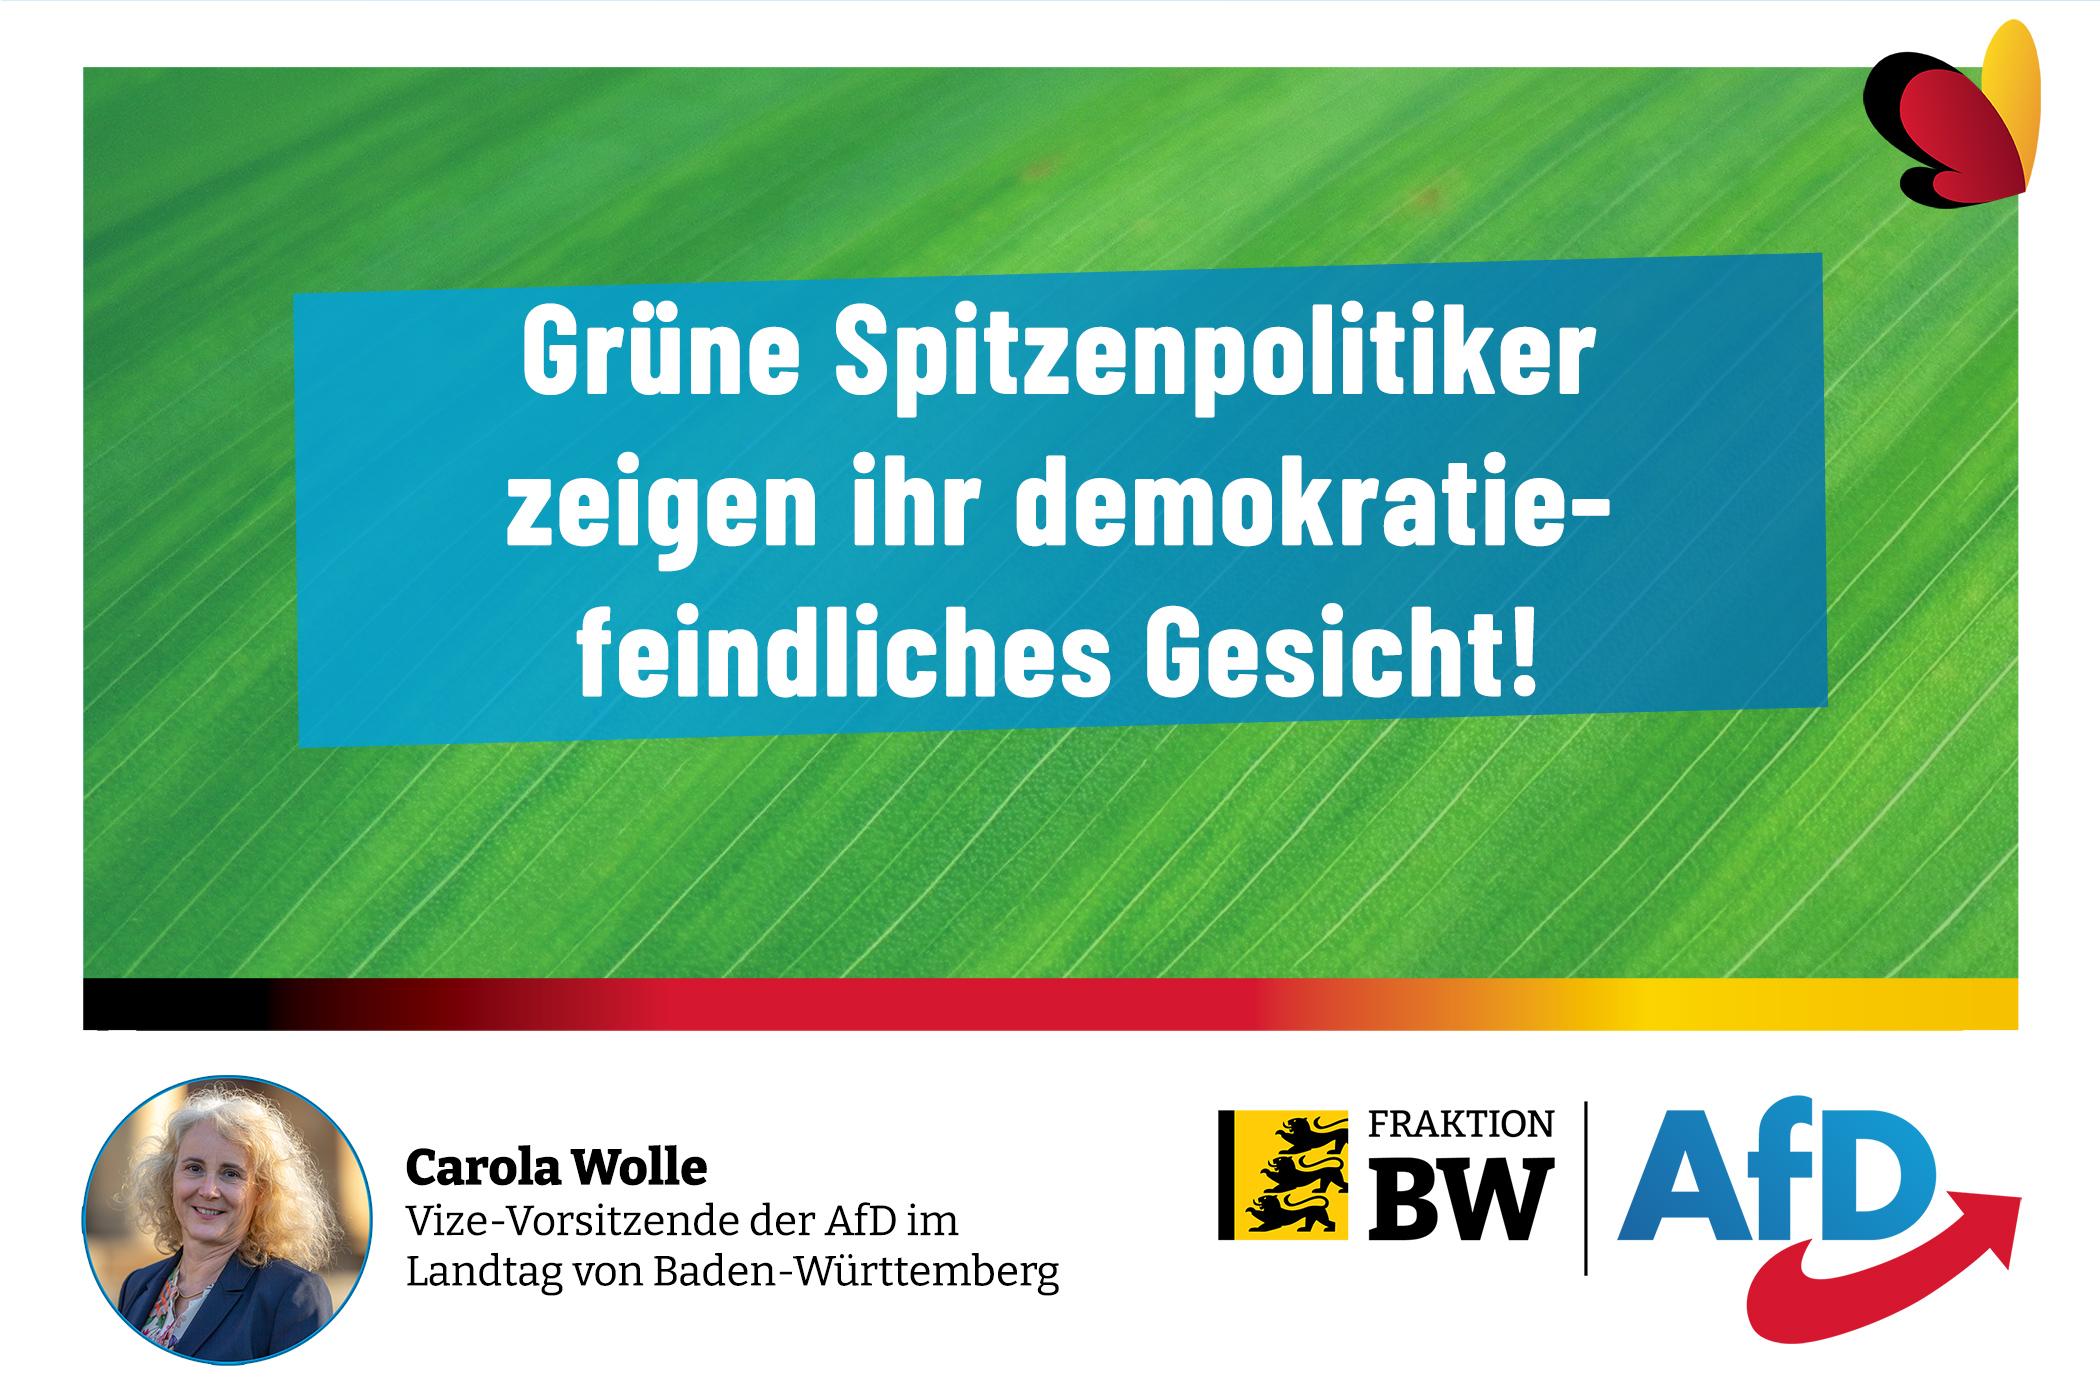 Grüne Spitzenpolitiker zeigen ihr demokratiefeindliches Gesicht!